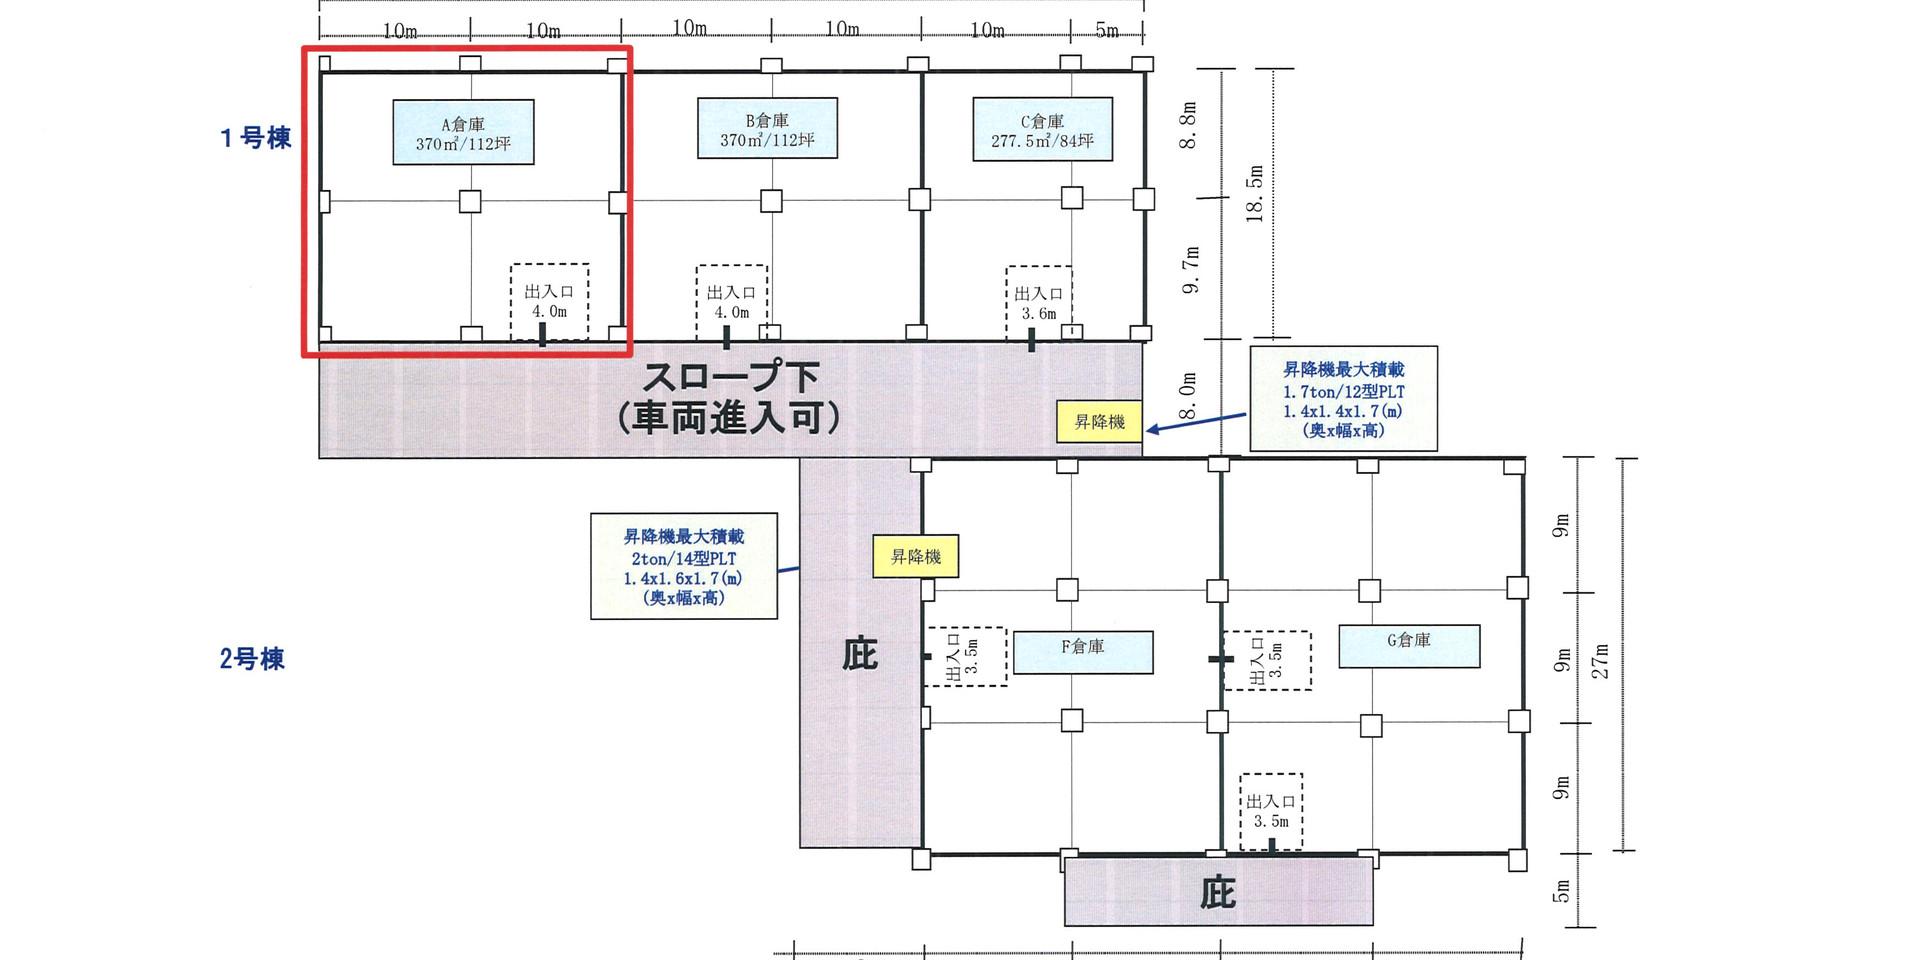 A倉庫(赤枠)